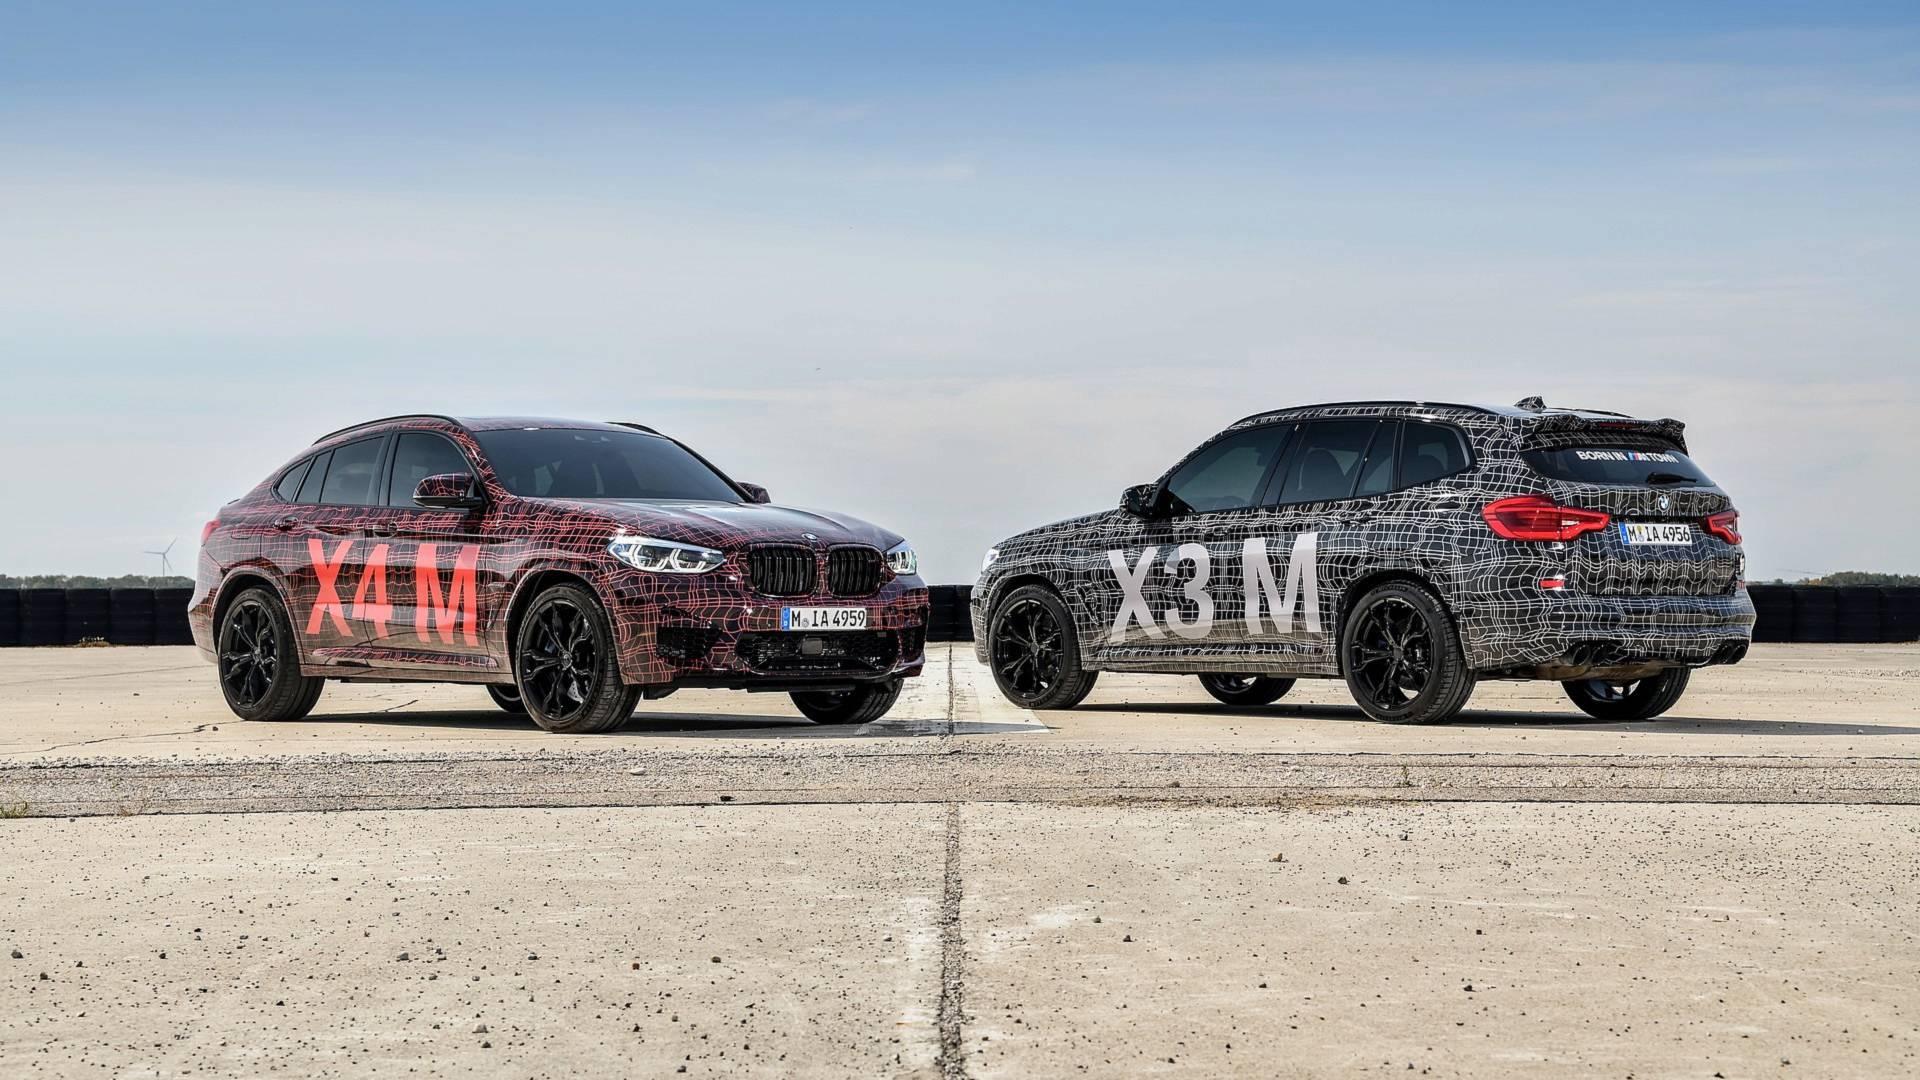 Protótipos BMW X3 M e X4 M em testes